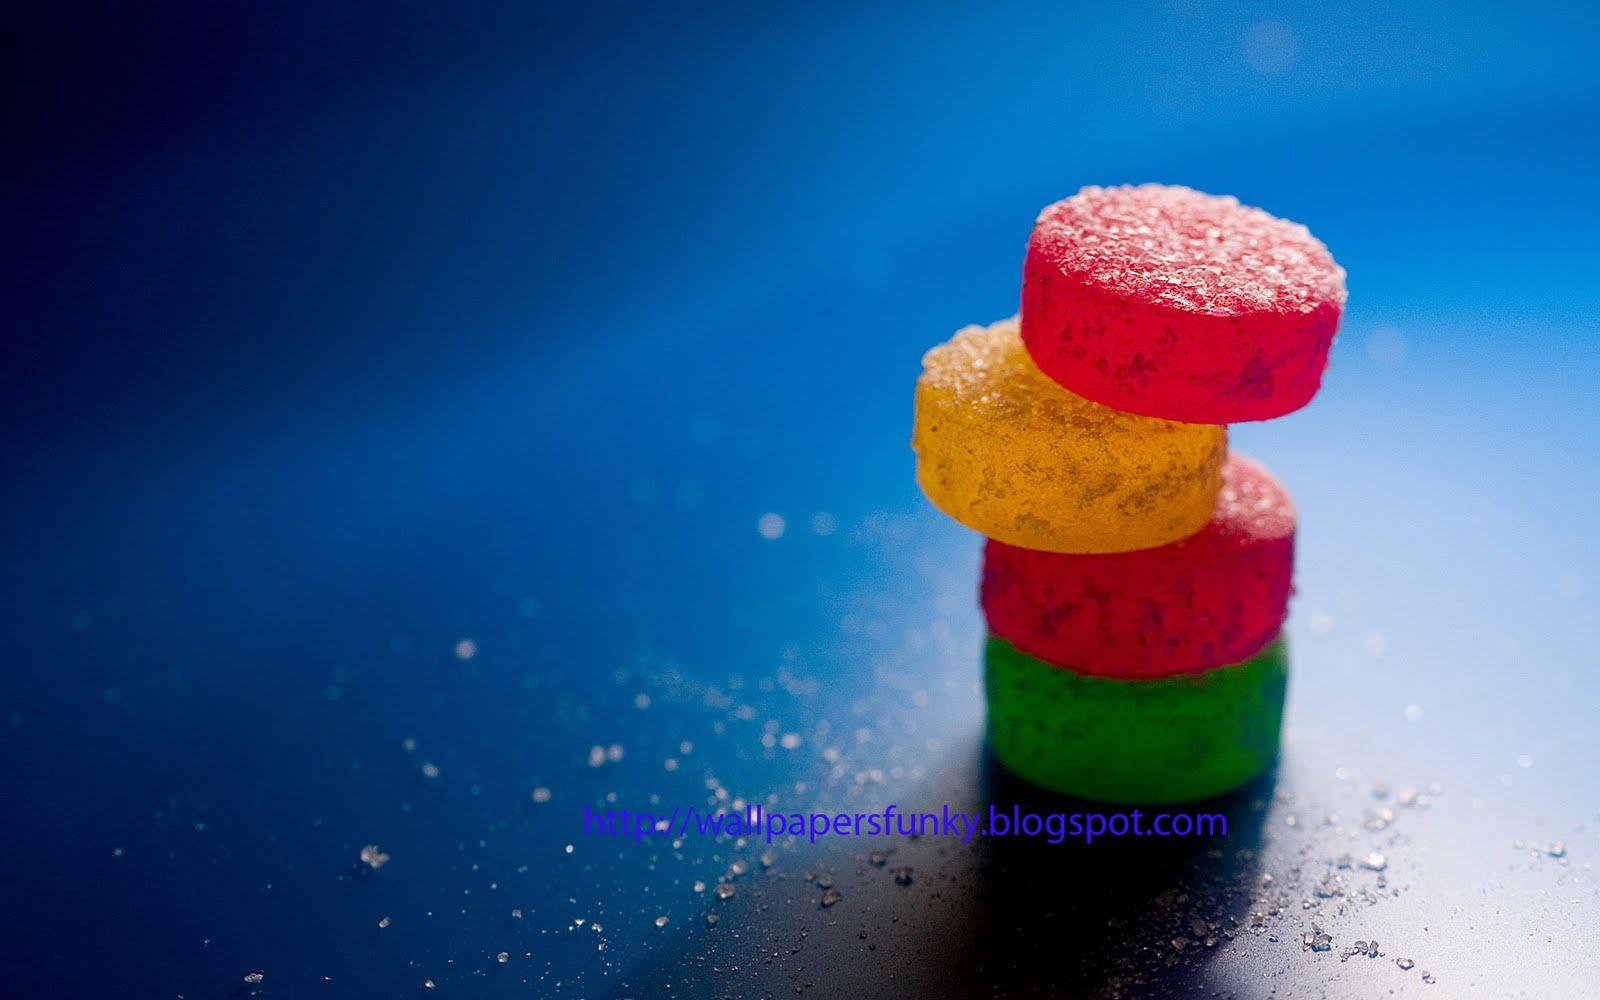 http://3.bp.blogspot.com/_q6wKDx8aGd0/S9xBz7sdl9I/AAAAAAAAHE8/-foICt38XF0/s1600/31.jpg